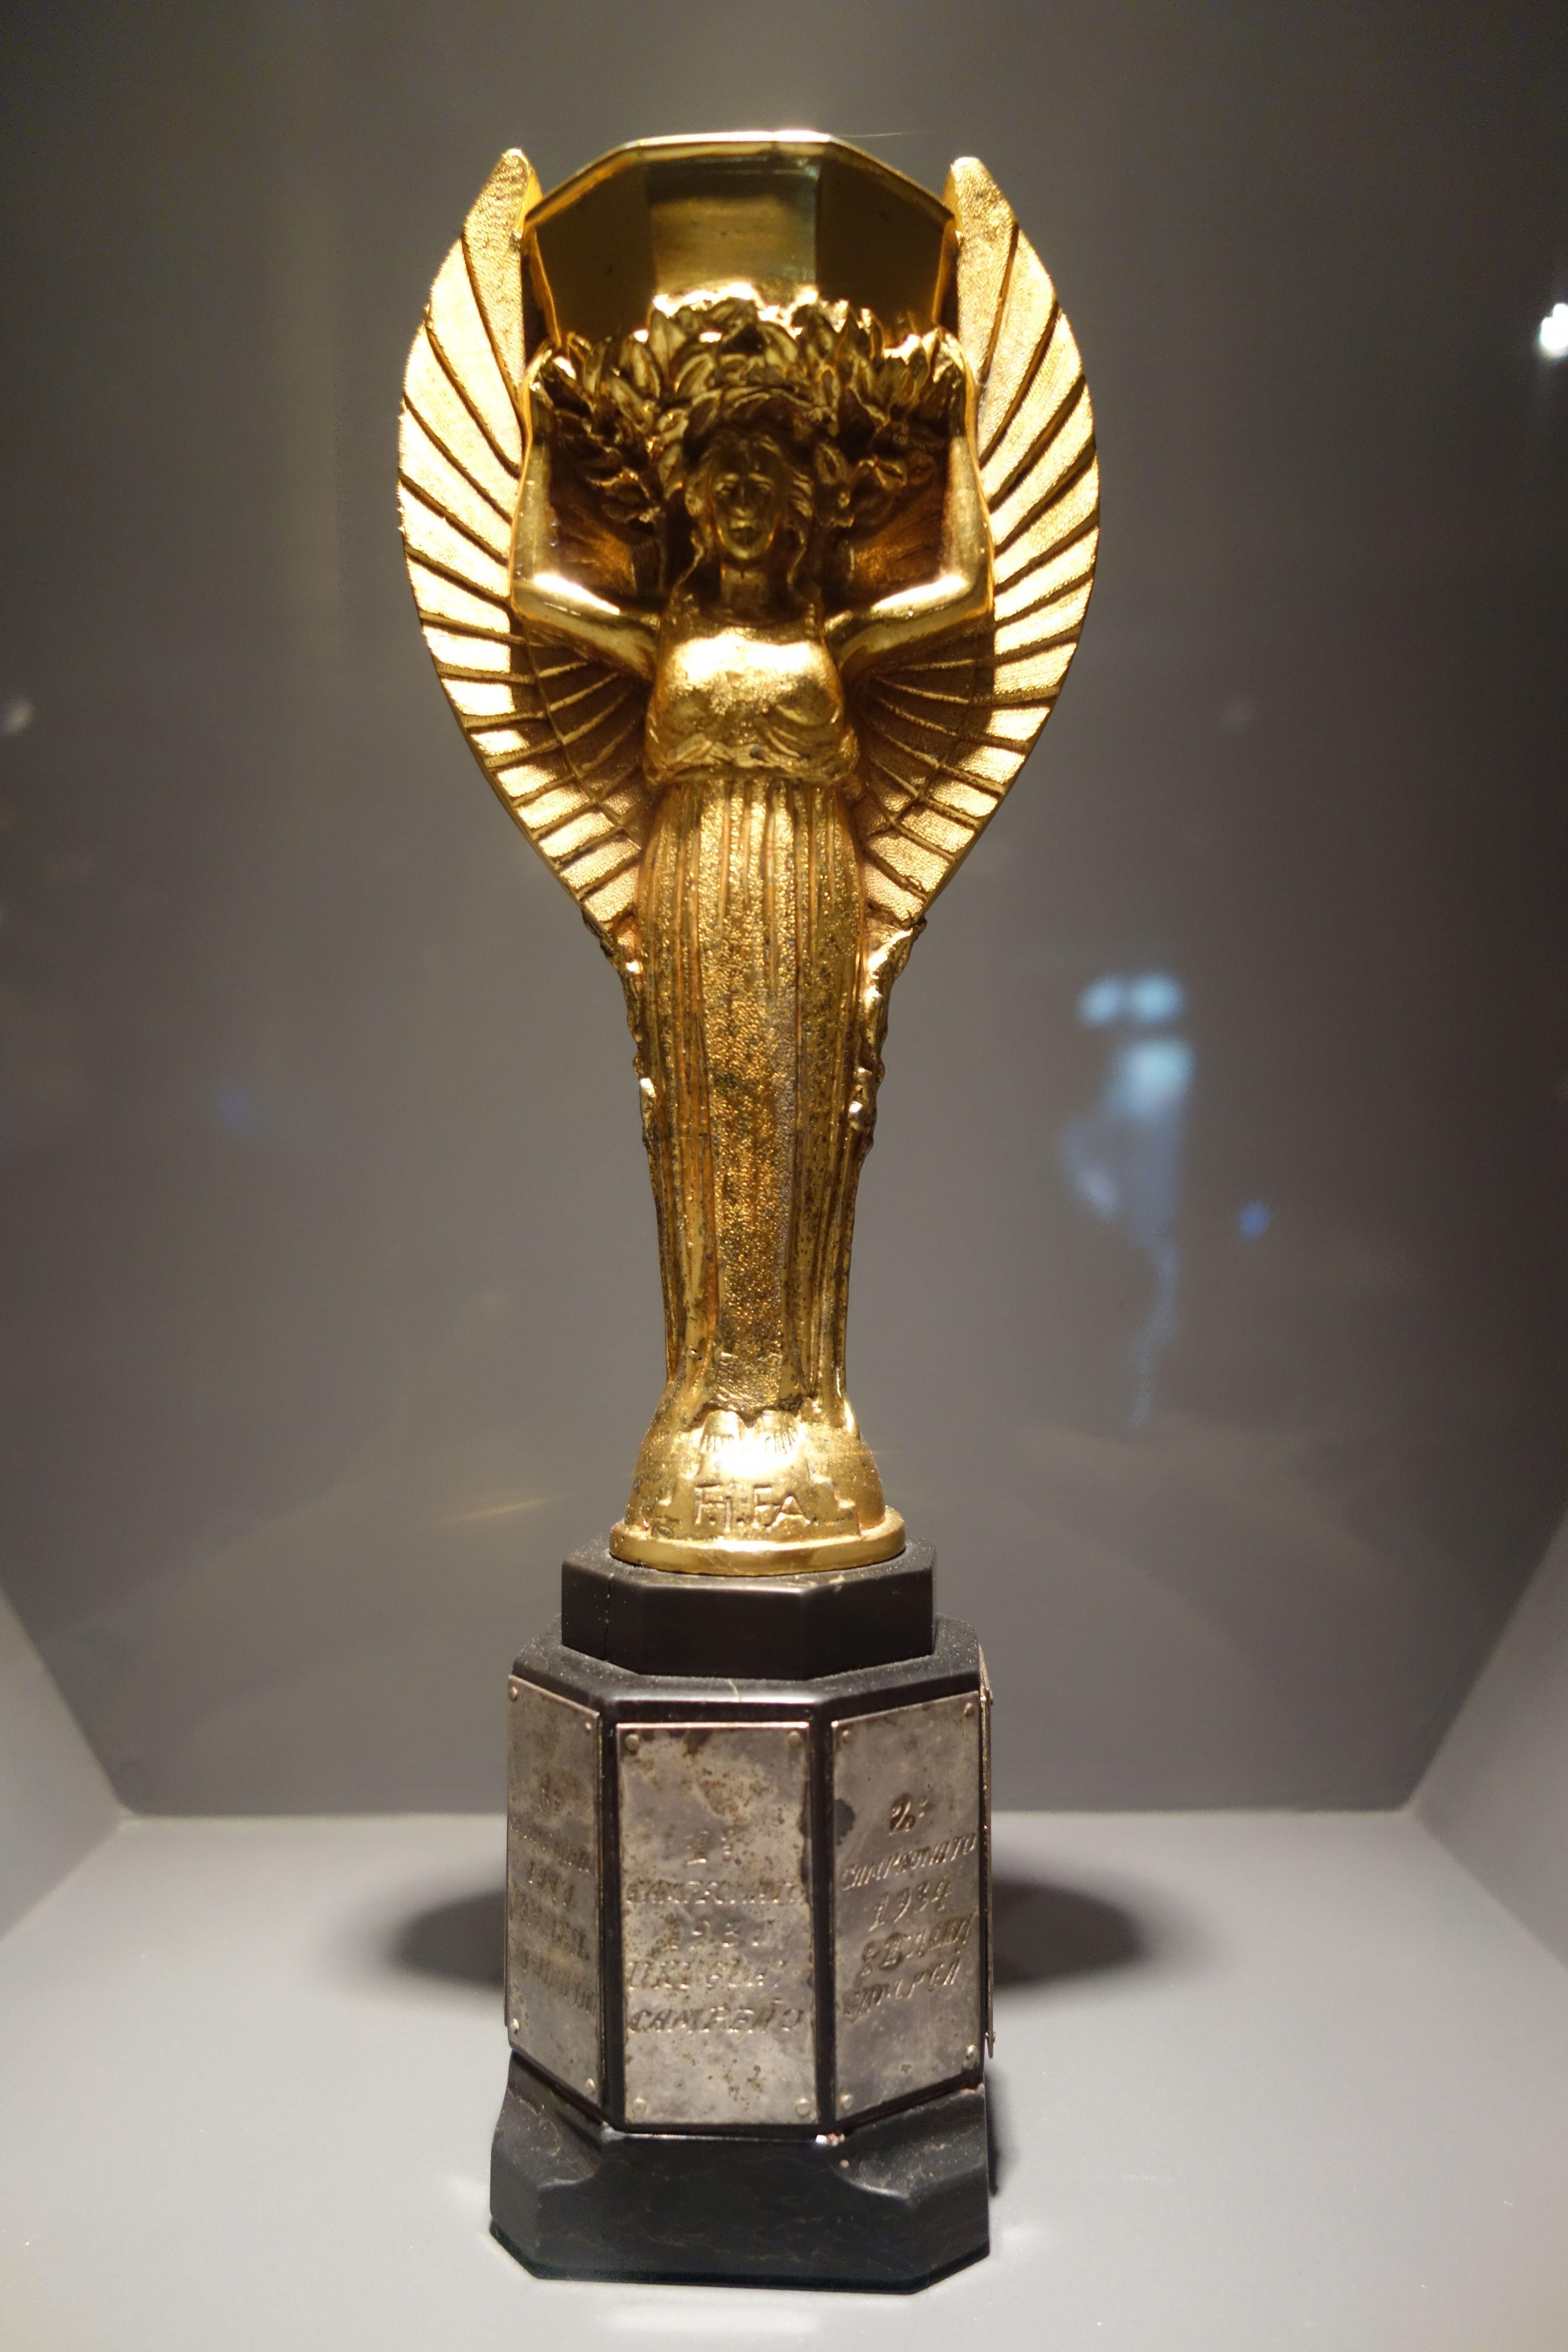 Coupe du monde au bresil petit passage du cote de sao paulo et visite du musee du football - 1er coupe du monde de football ...